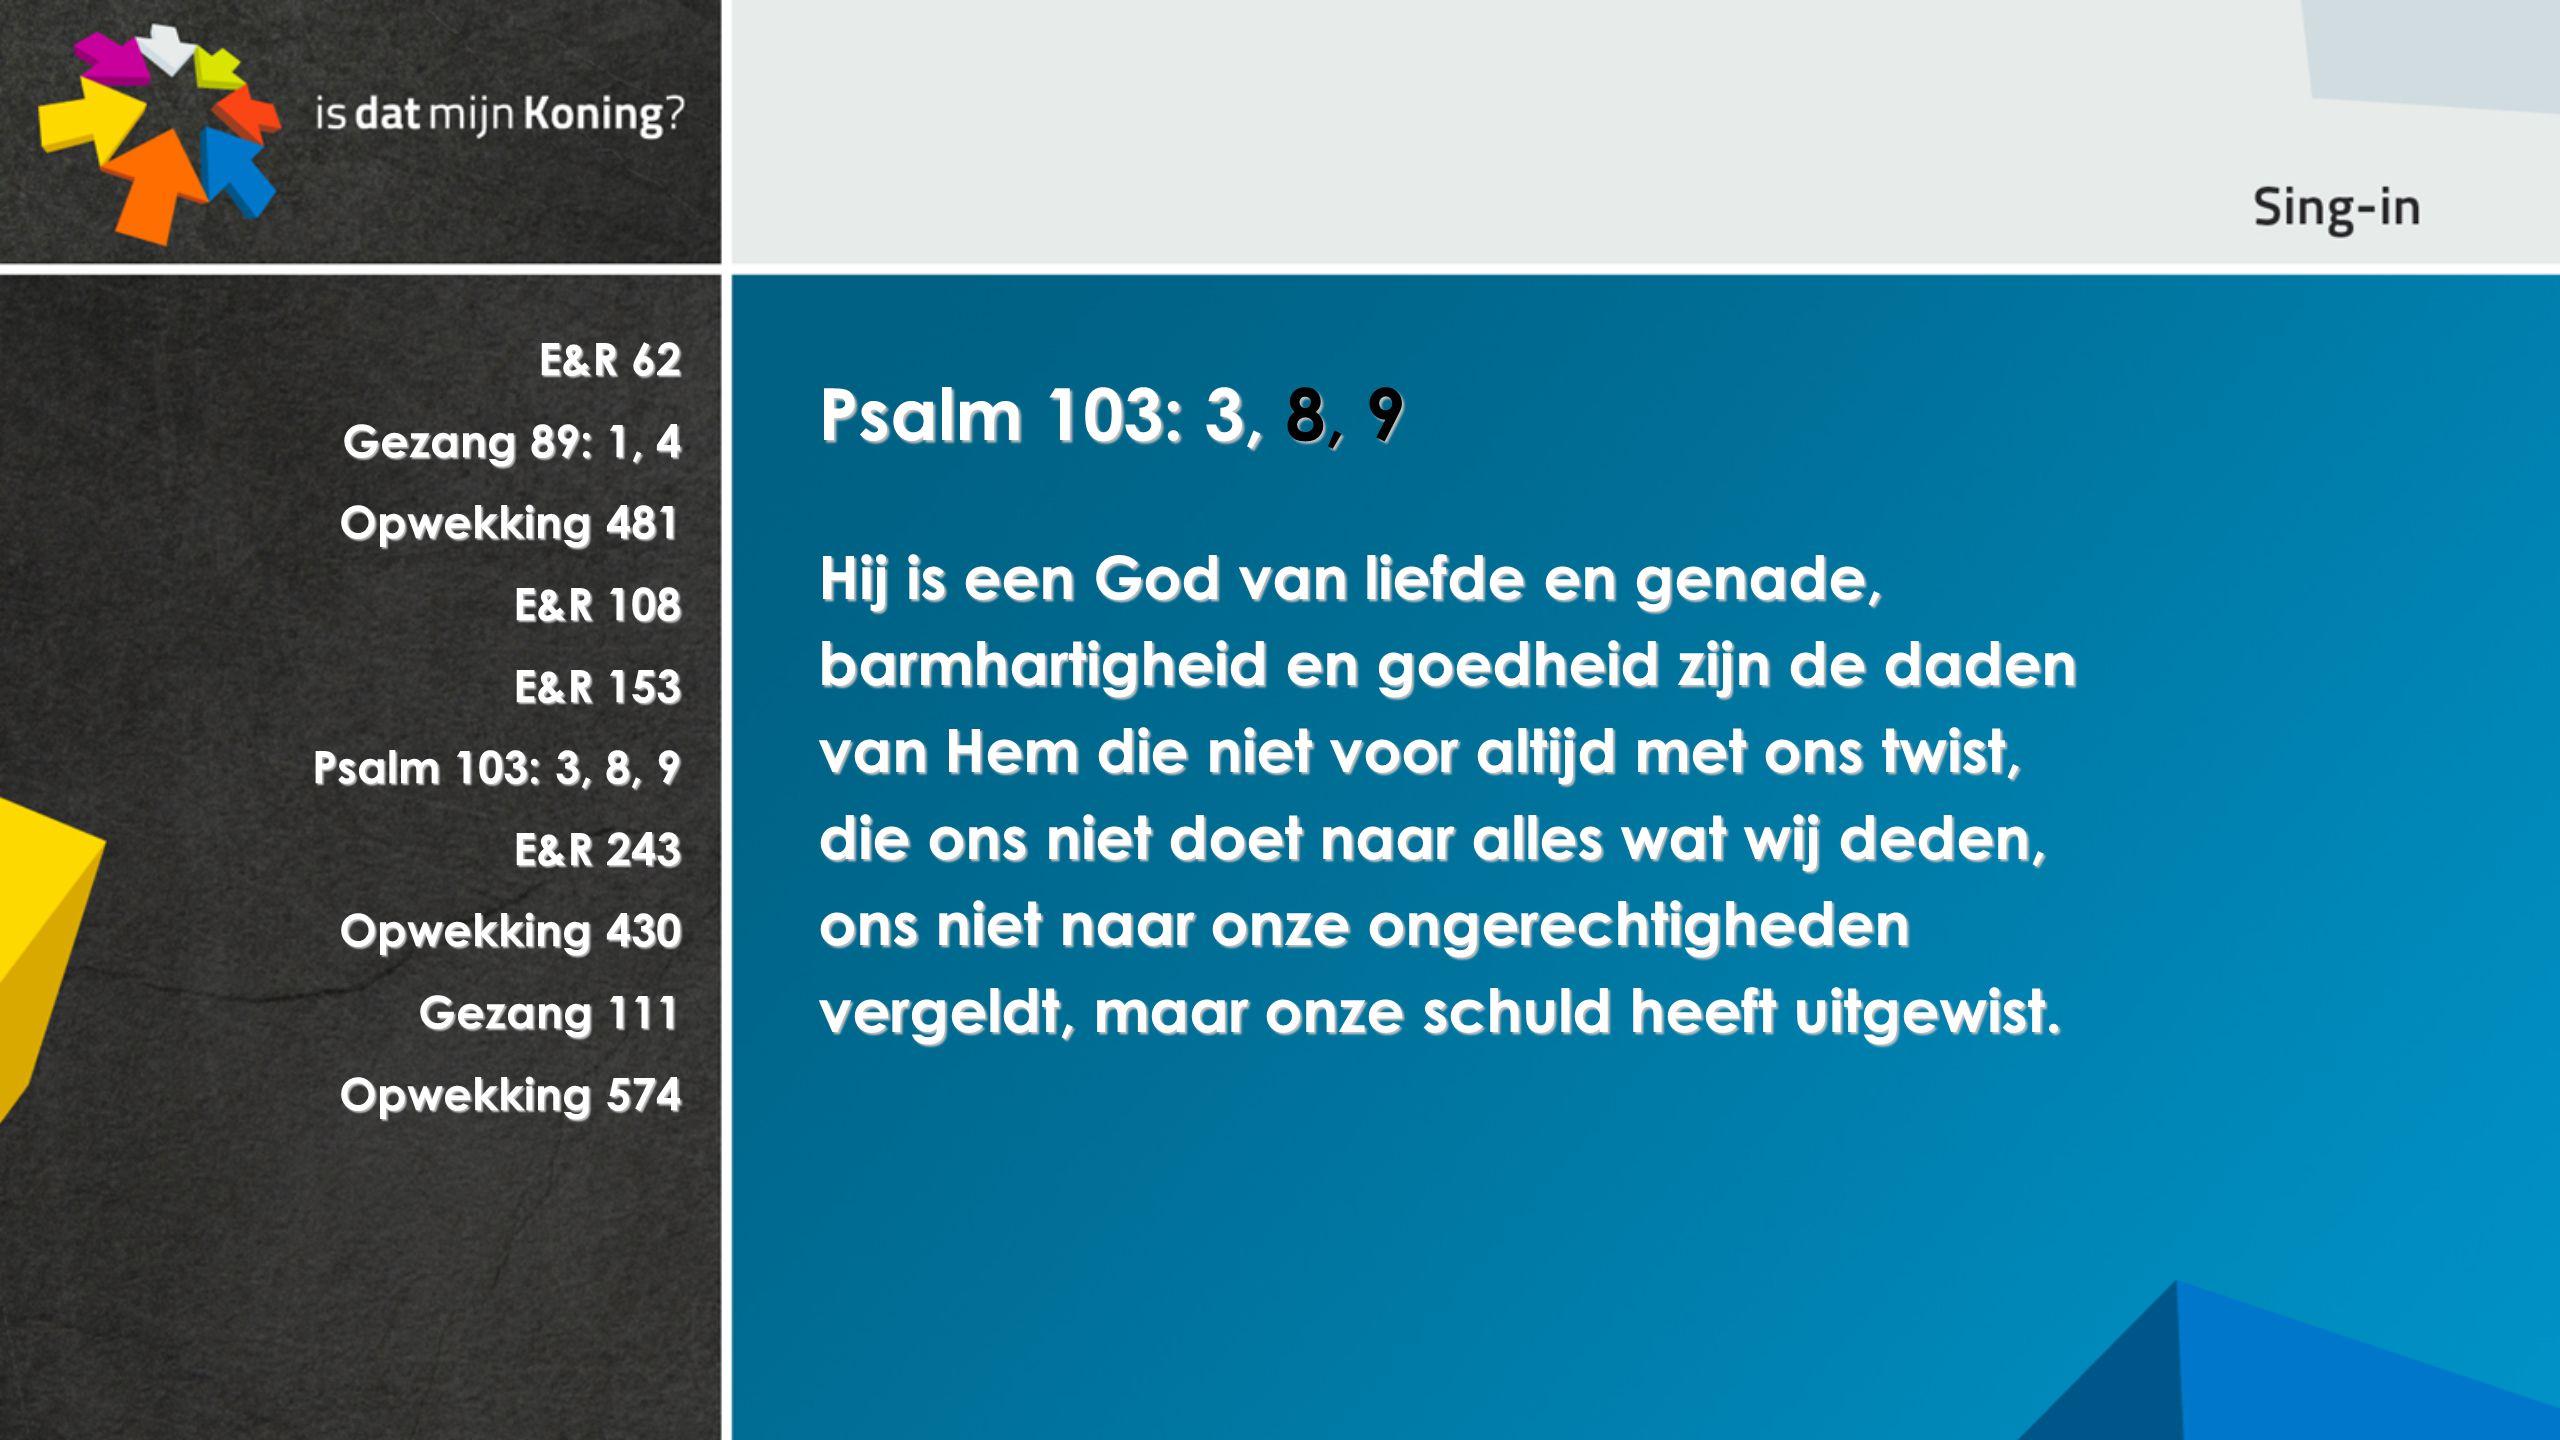 E&R 62 Gezang 89: 1, 4 Opwekking 481 E&R 108 E&R 153 Psalm 103: 3, 8, 9 E&R 243 Opwekking 430 Gezang 111 Opwekking 574 Psalm 103: 3, 8, 9 Hij is een G